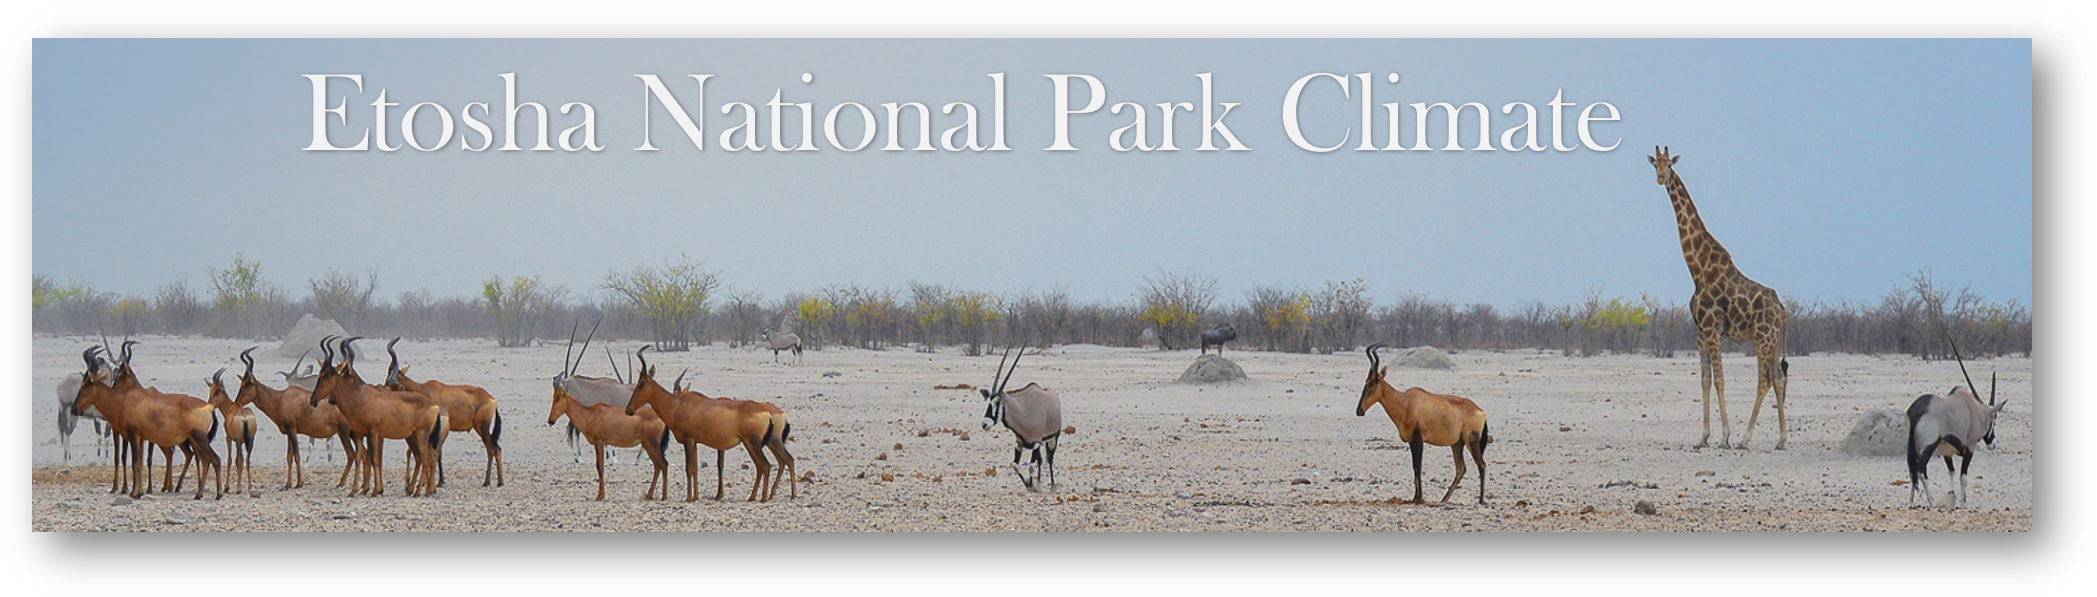 Etosha National Park Climate-weather